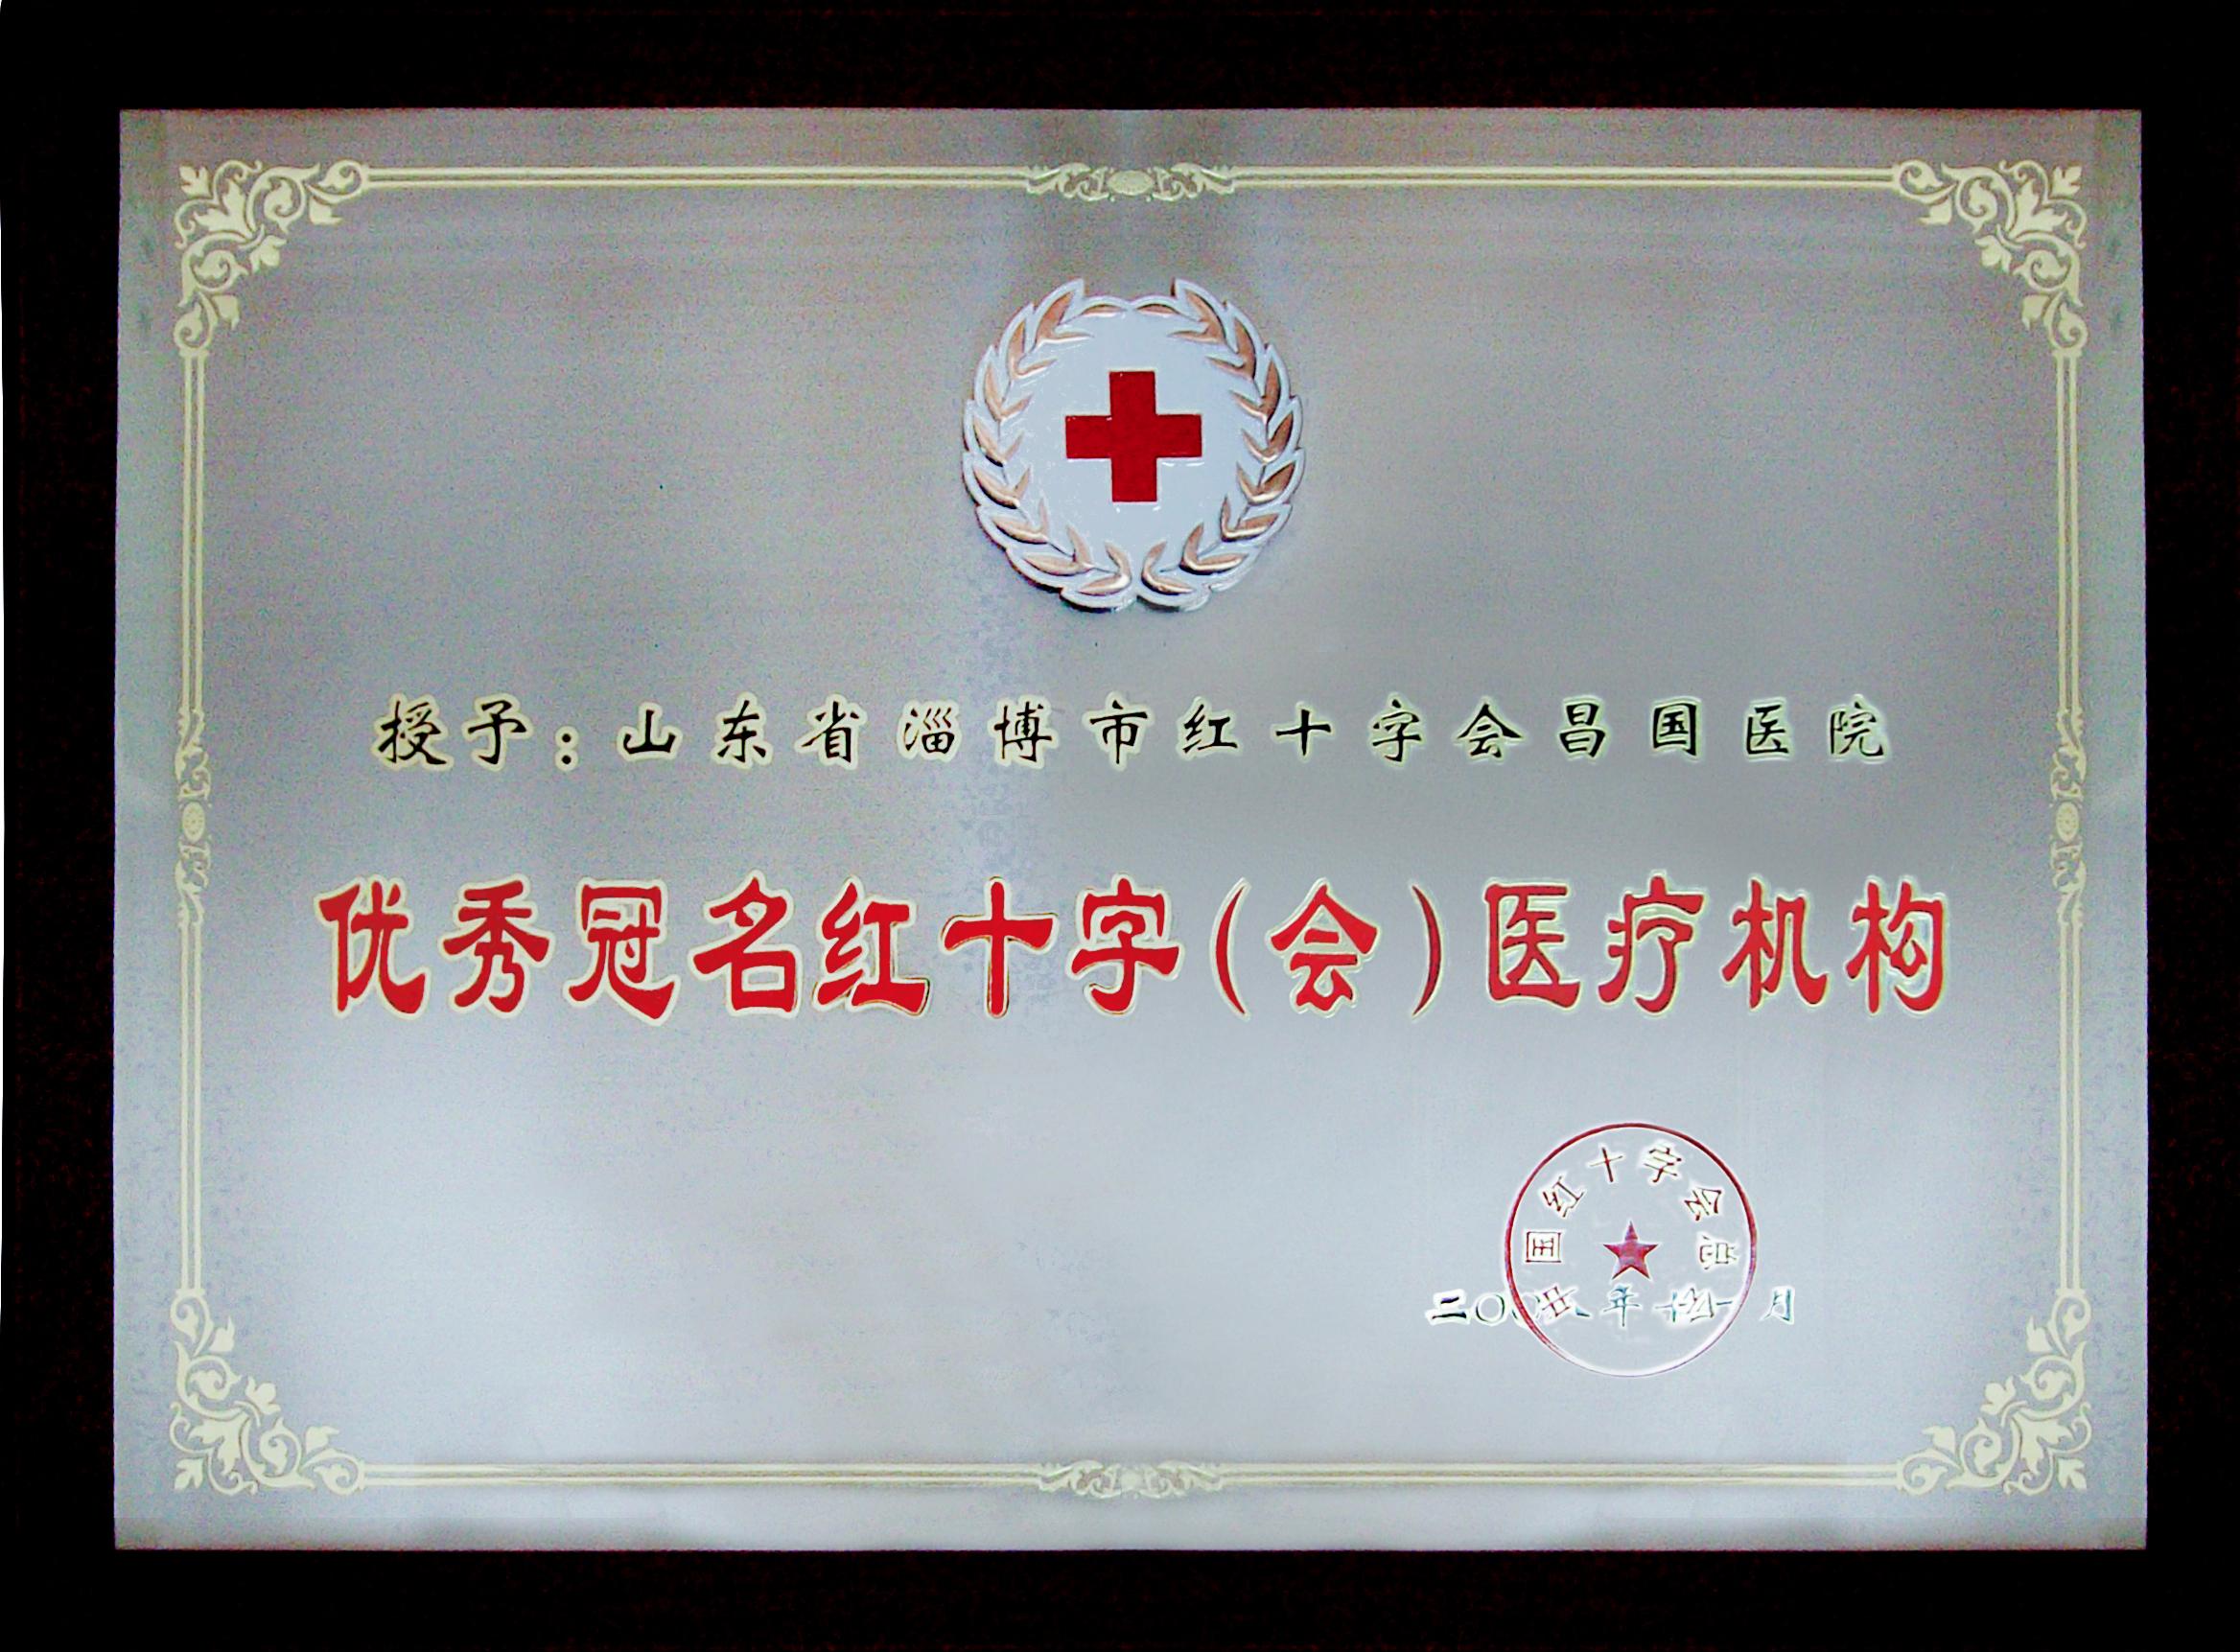 02 优秀冠名红十字(会)医疗机构2